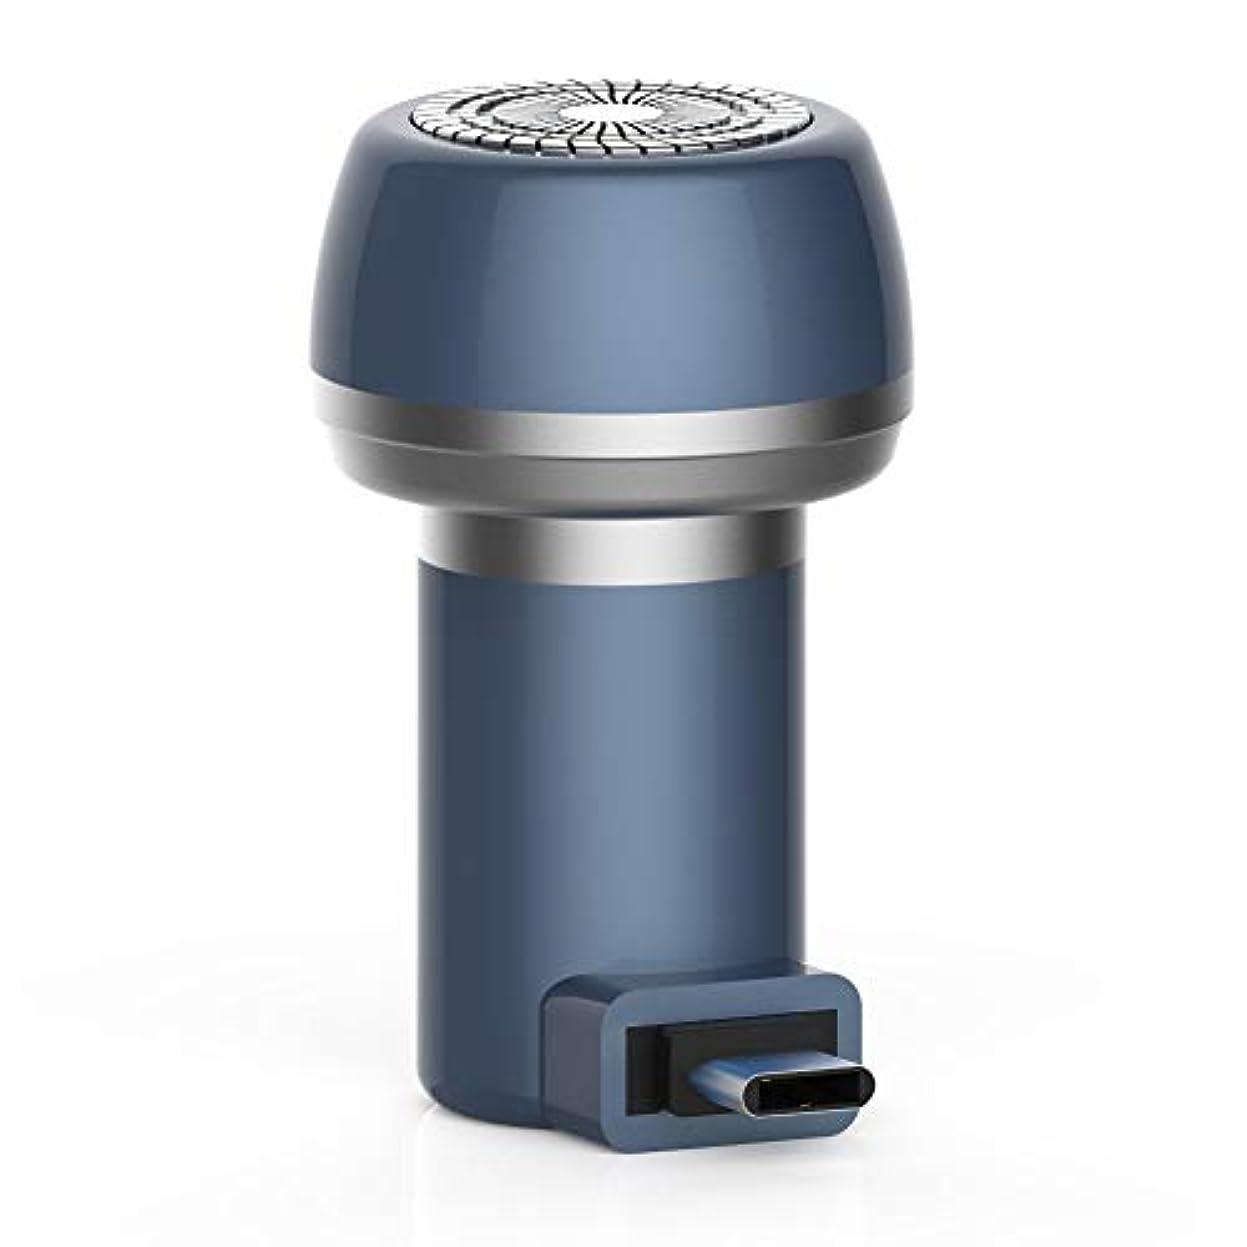 矛盾する医薬解凍する、雪解け、霜解けJanusSaja  電気充電式シェーバー、2に付き2磁気電気シェーバーミニポータブルType-C USB防水耐久性剃刀